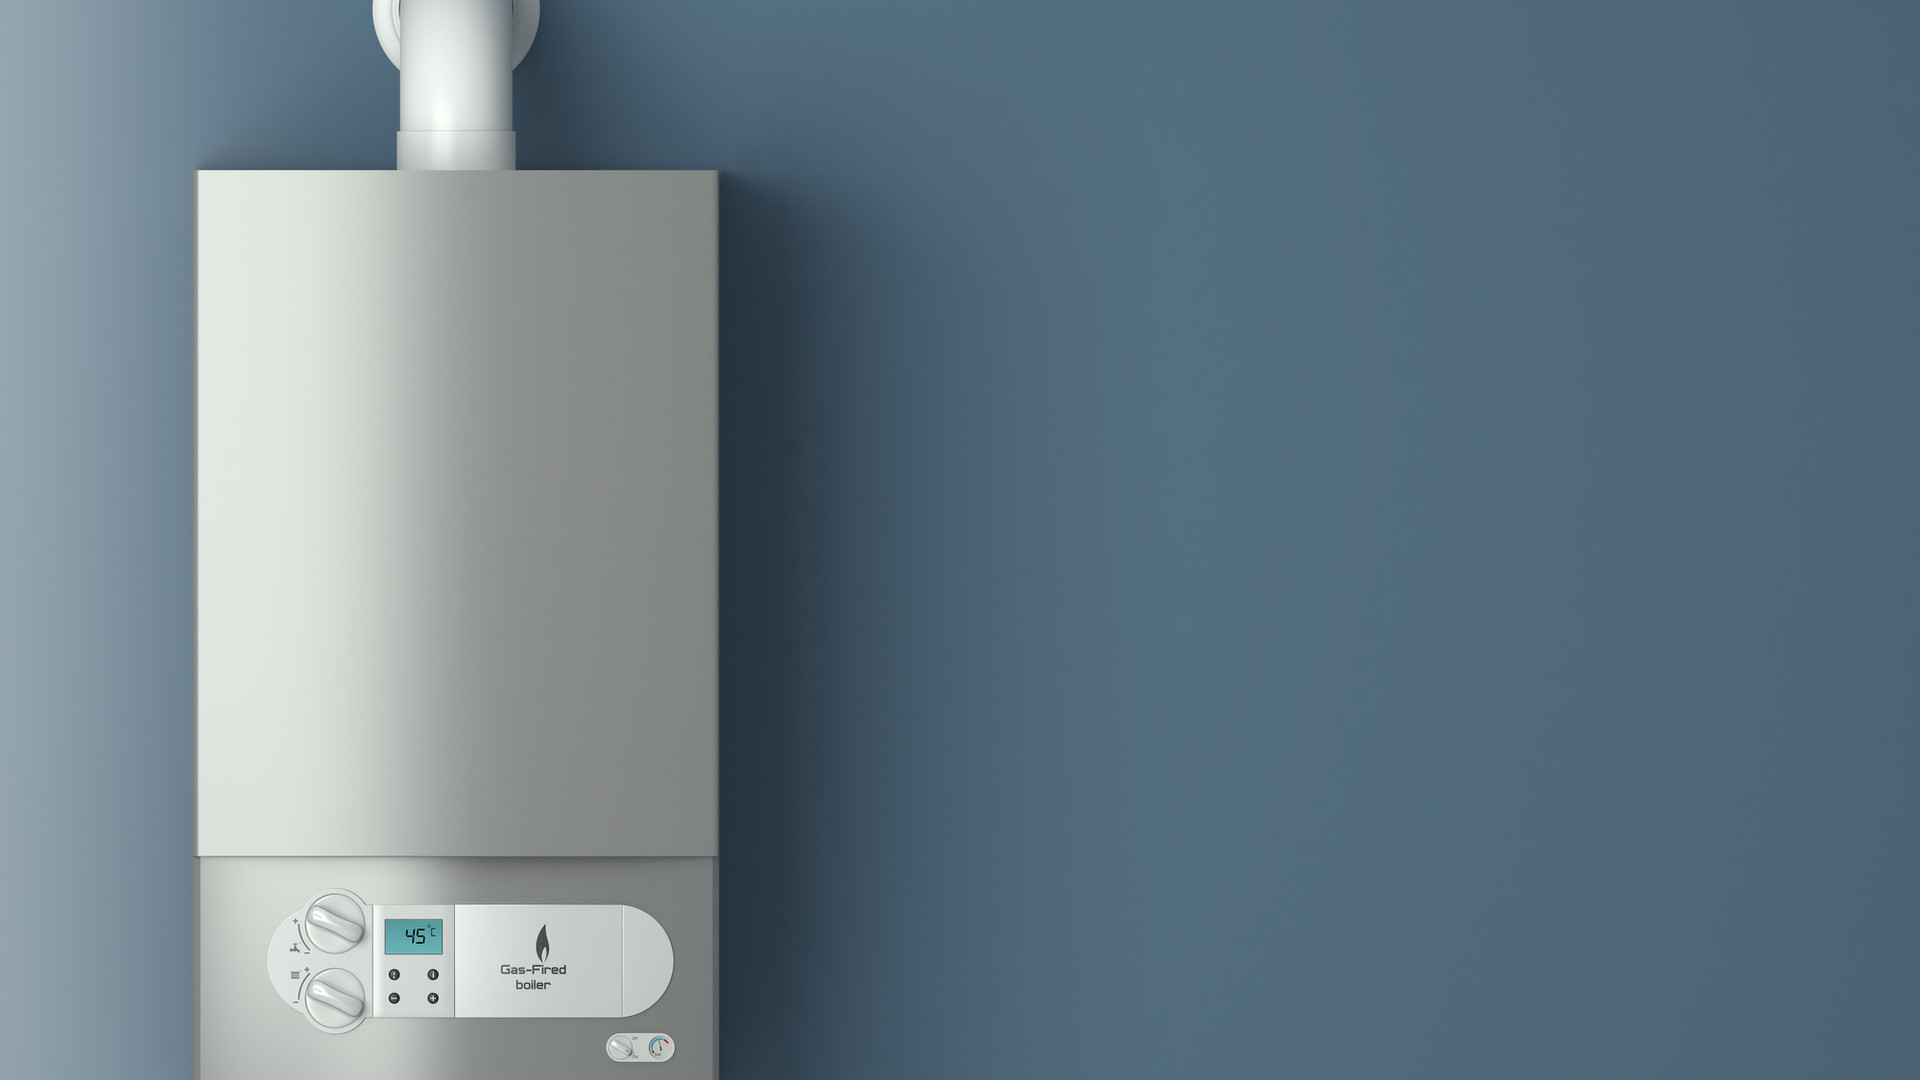 Gas-fired boiler